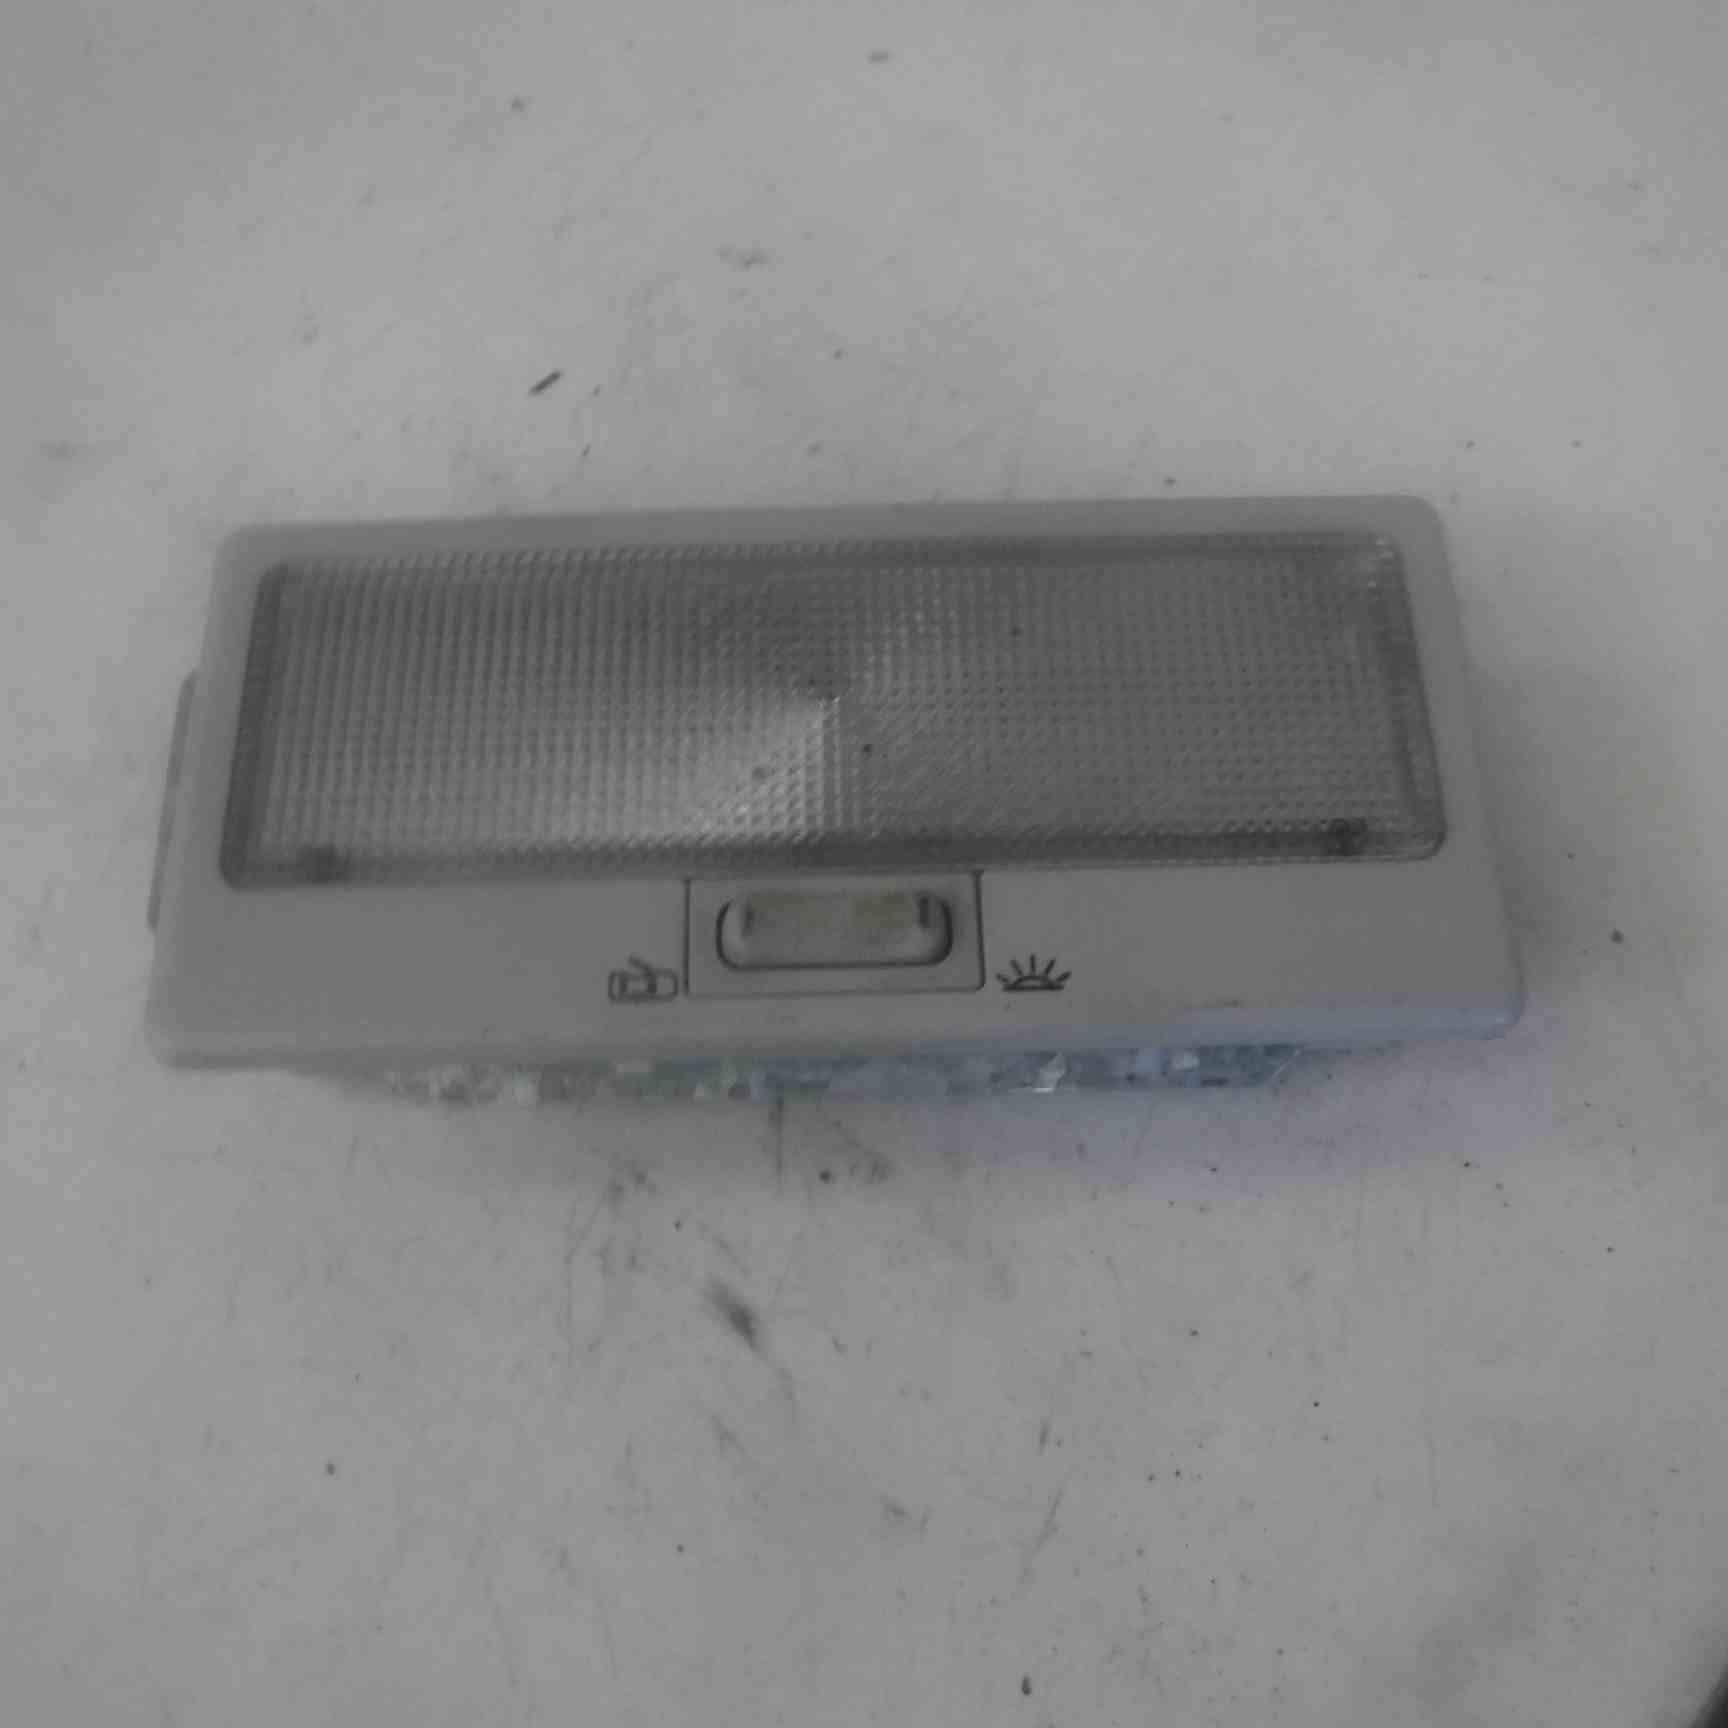 Volkswagen Sharan 2000-2003 Rear Roof Interior Reading Light 357947105